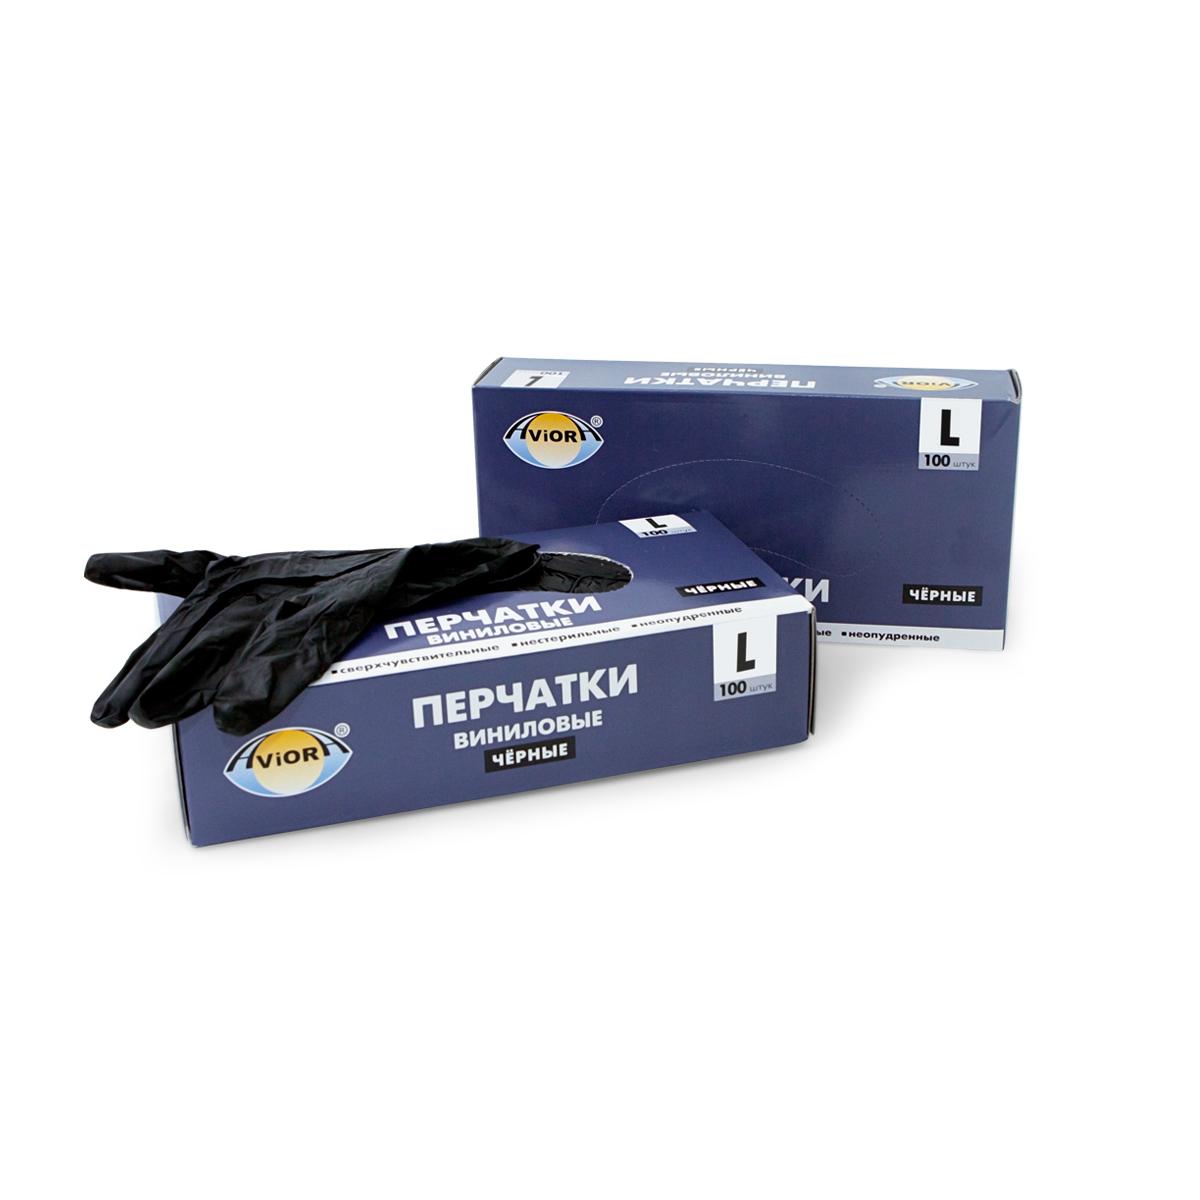 """Перчатки виниловые """"Aviora"""", неопудренные, цвет: черный, размер 9 (L), 100 шт"""